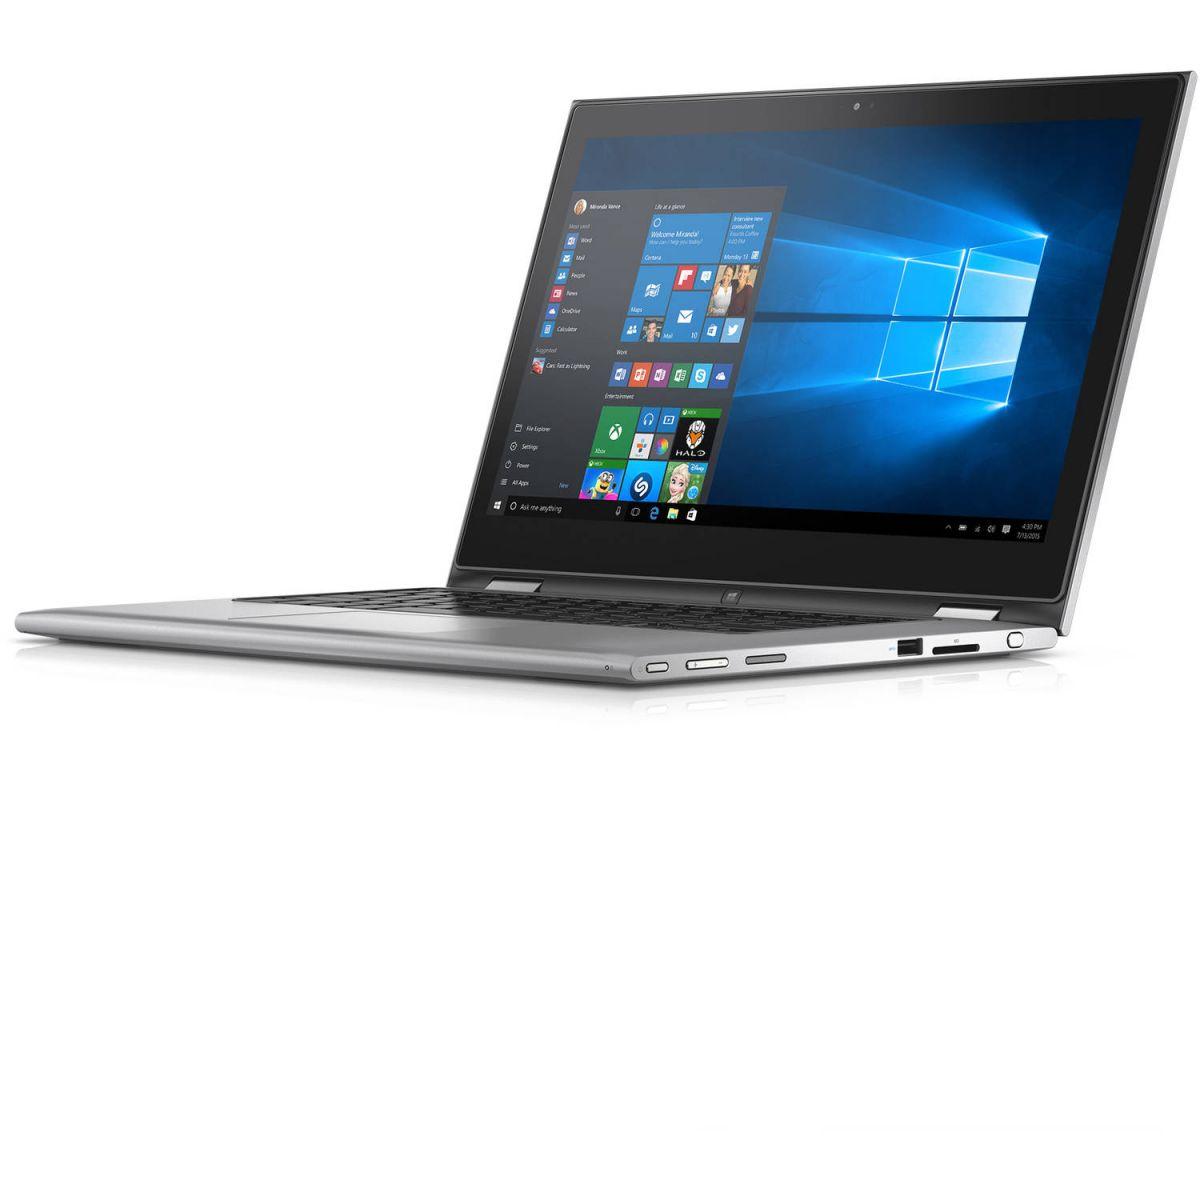 Notebook Dell Inspiron 7359 2-1 I7-6500U 3.1Ghz| 500Gb| 8Gb| 13| Touch| W10Hom| Cinza